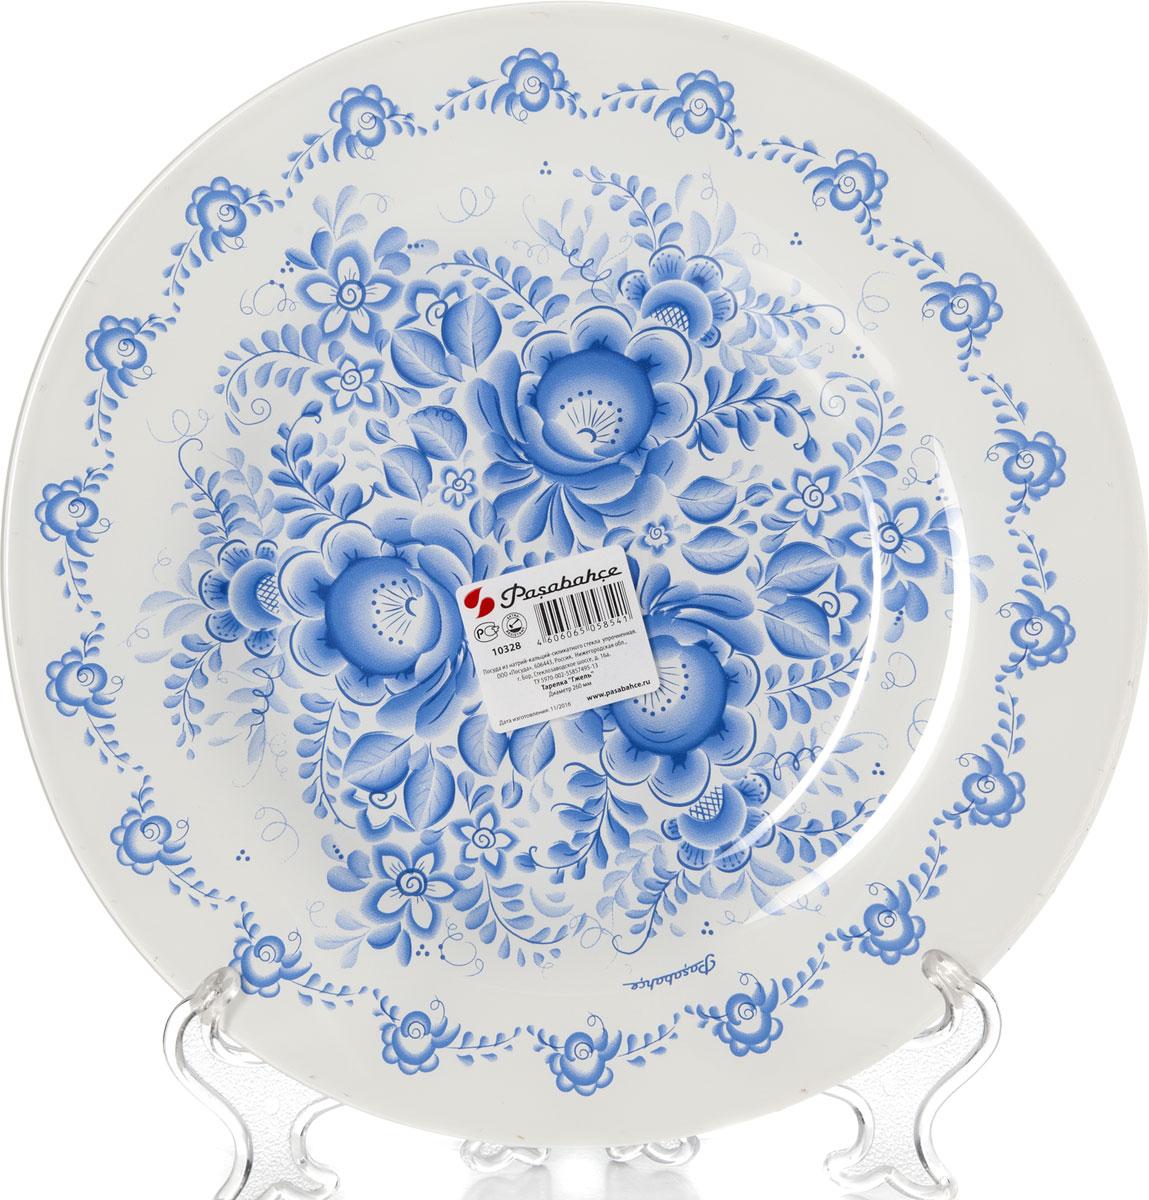 Тарелка обеденная Pasabahce Гжель, диаметр 26 см10328SLBD33Тарелка обеденная Pasabahce Гжель выполнена из качественного упрочненного стекла и украшена рисунком гжель. Тарелка прекрасно подойдет в качестве сервировочного блюда.Изящная тарелка прекрасно оформит праздничный стол и порадует вас и ваших гостей изысканным дизайном и формой. Диаметр тарелки: 26 см.